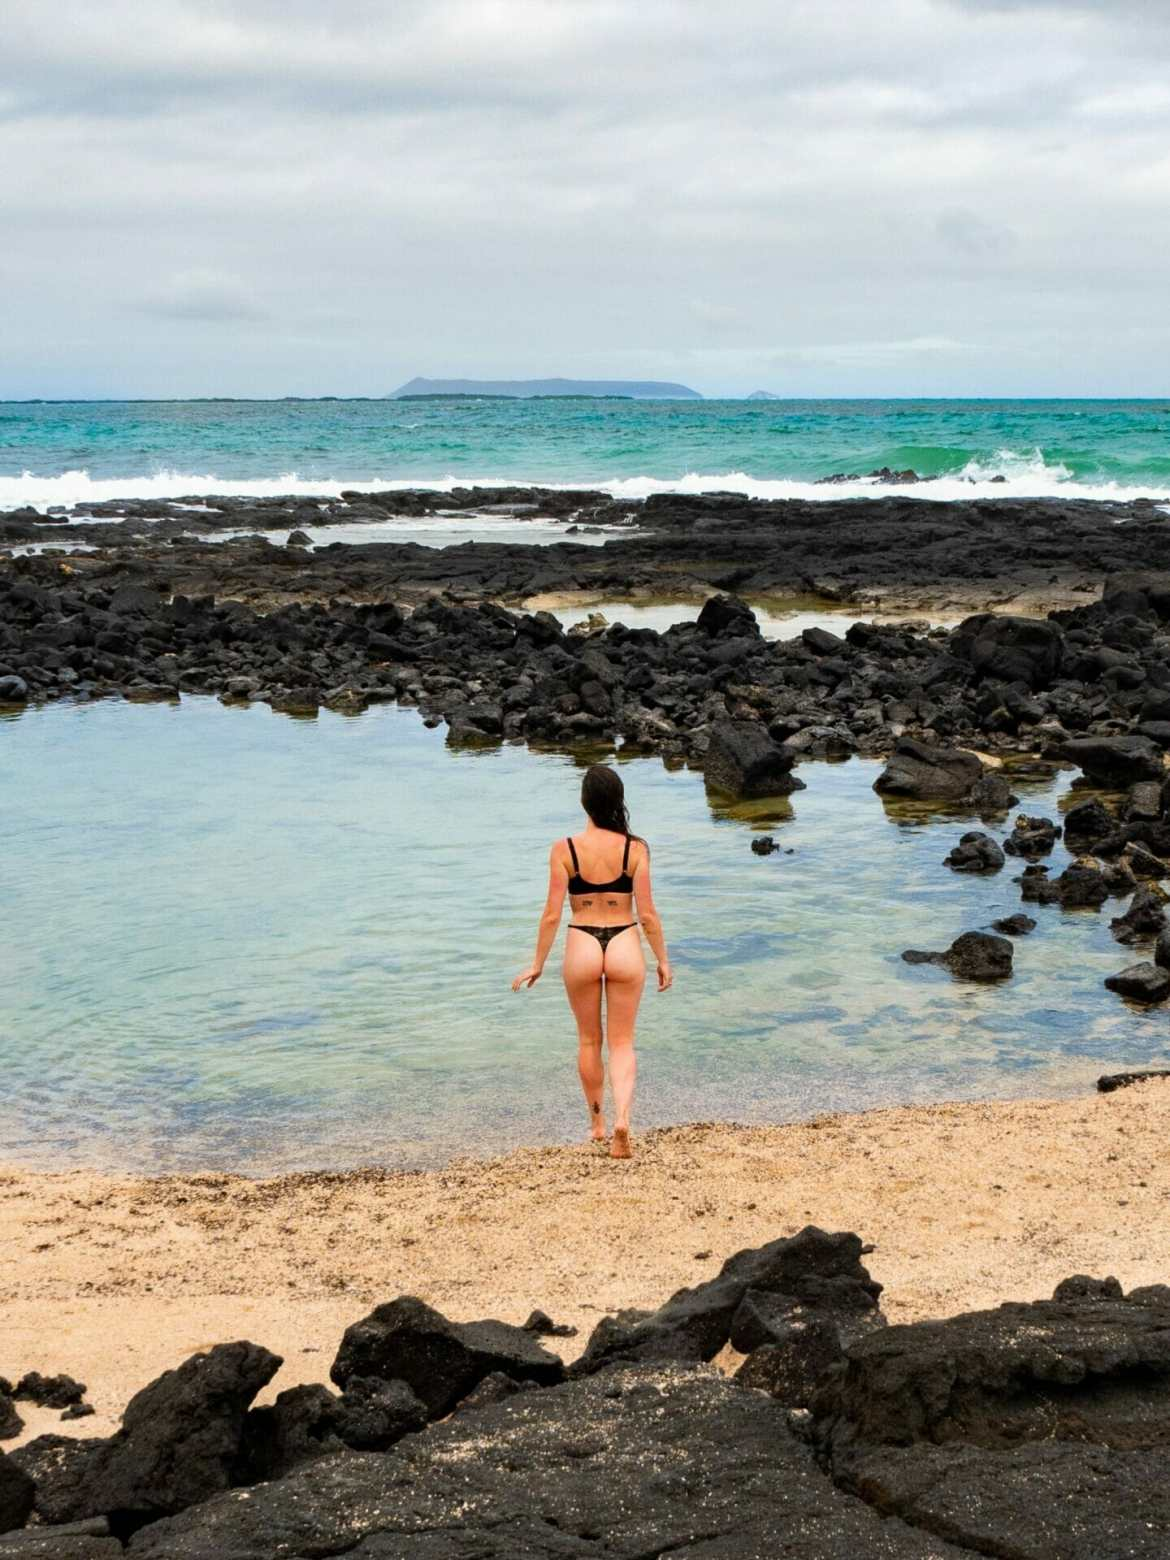 Girl in bikini walking on beach with black volcanic rocks Galápagos